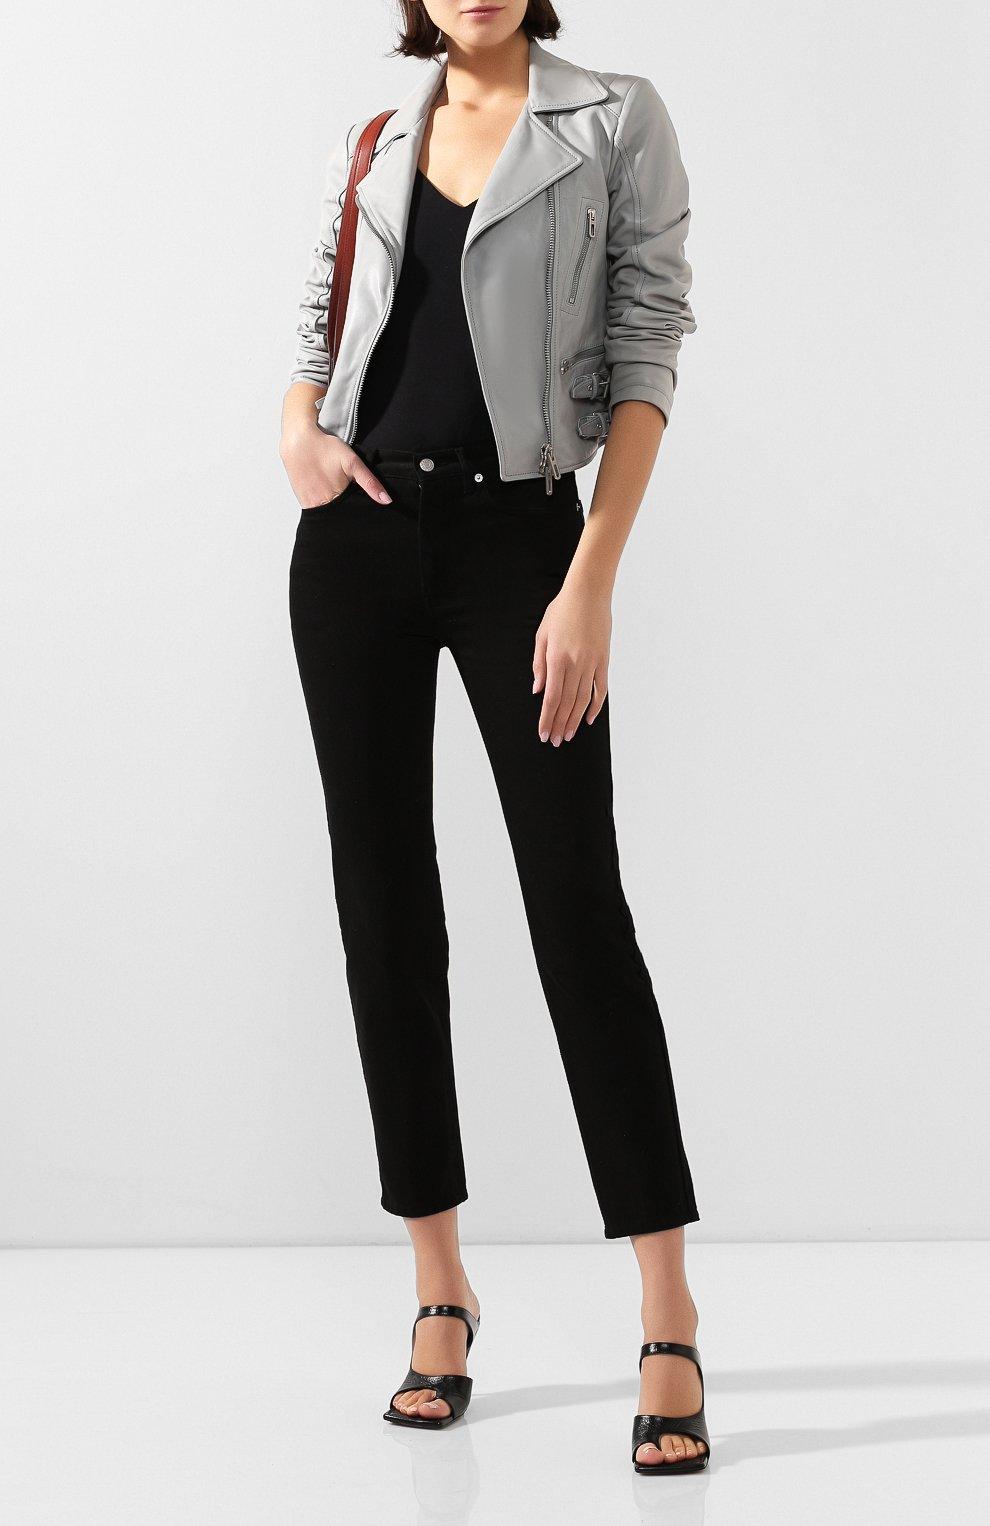 Женская кожаная куртка DROME серого цвета, арт. DPD3014/D1098   Фото 2 (Кросс-КТ: Куртка; Рукава: Длинные; Материал внешний: Кожа; Женское Кросс-КТ: Замша и кожа; Длина (верхняя одежда): Короткие; Материал подклада: Вискоза)